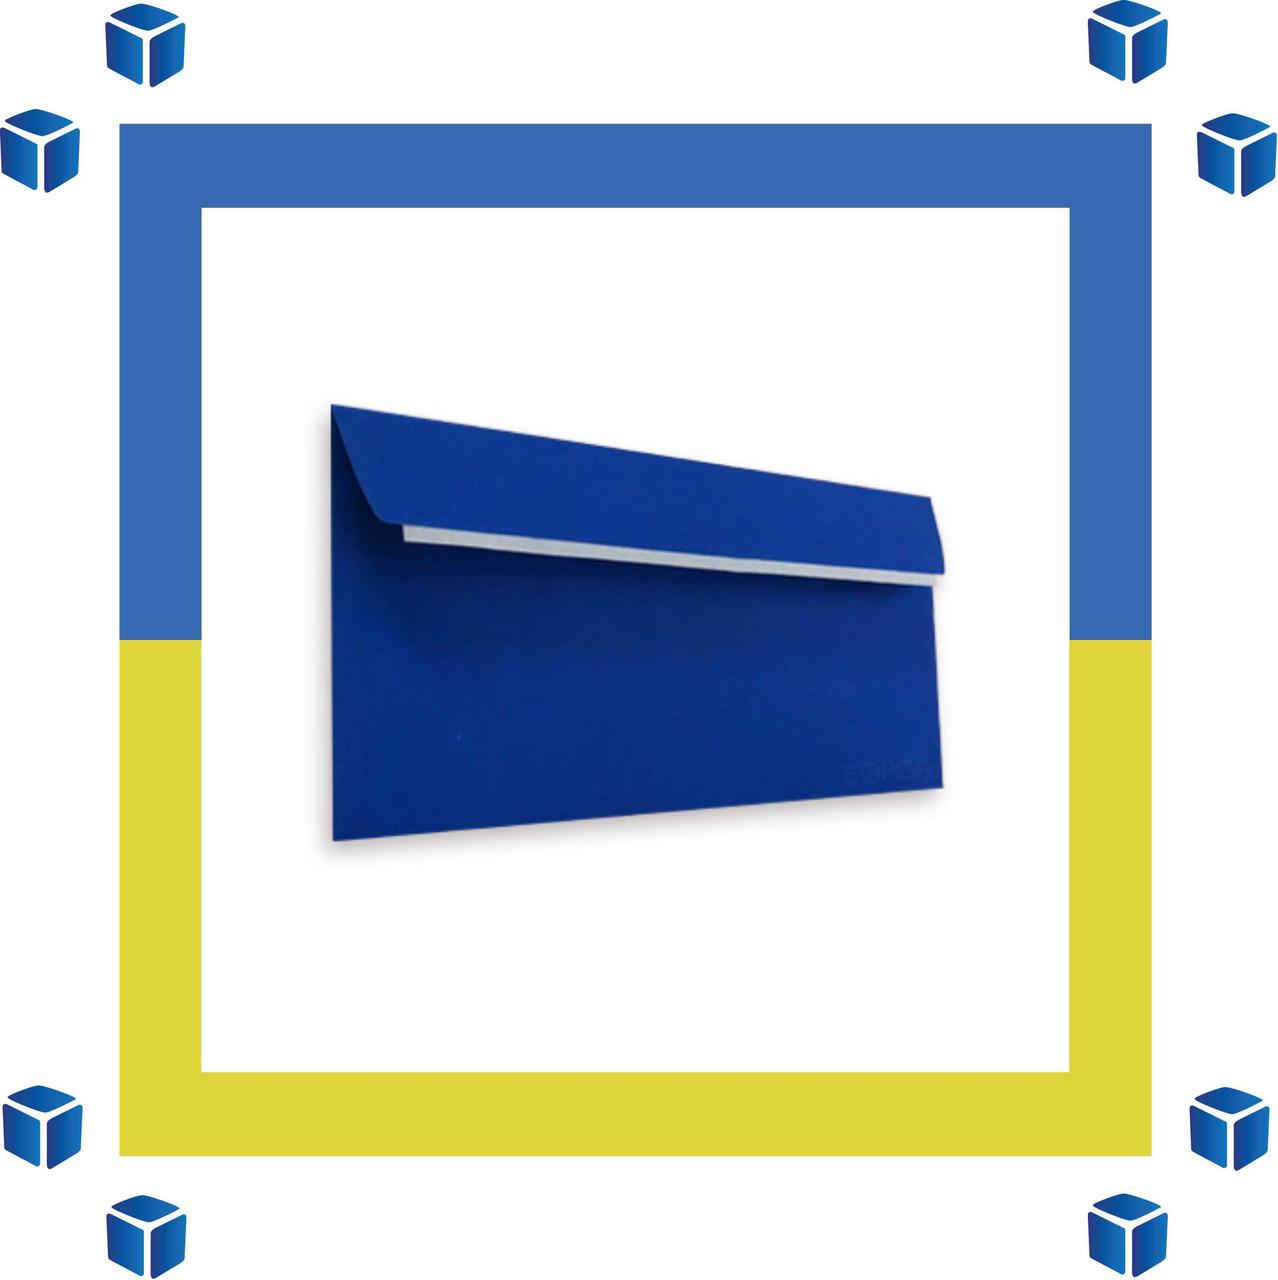 Конверты Е65 (DL) (110х220) скл, синий/голубой (0+0)